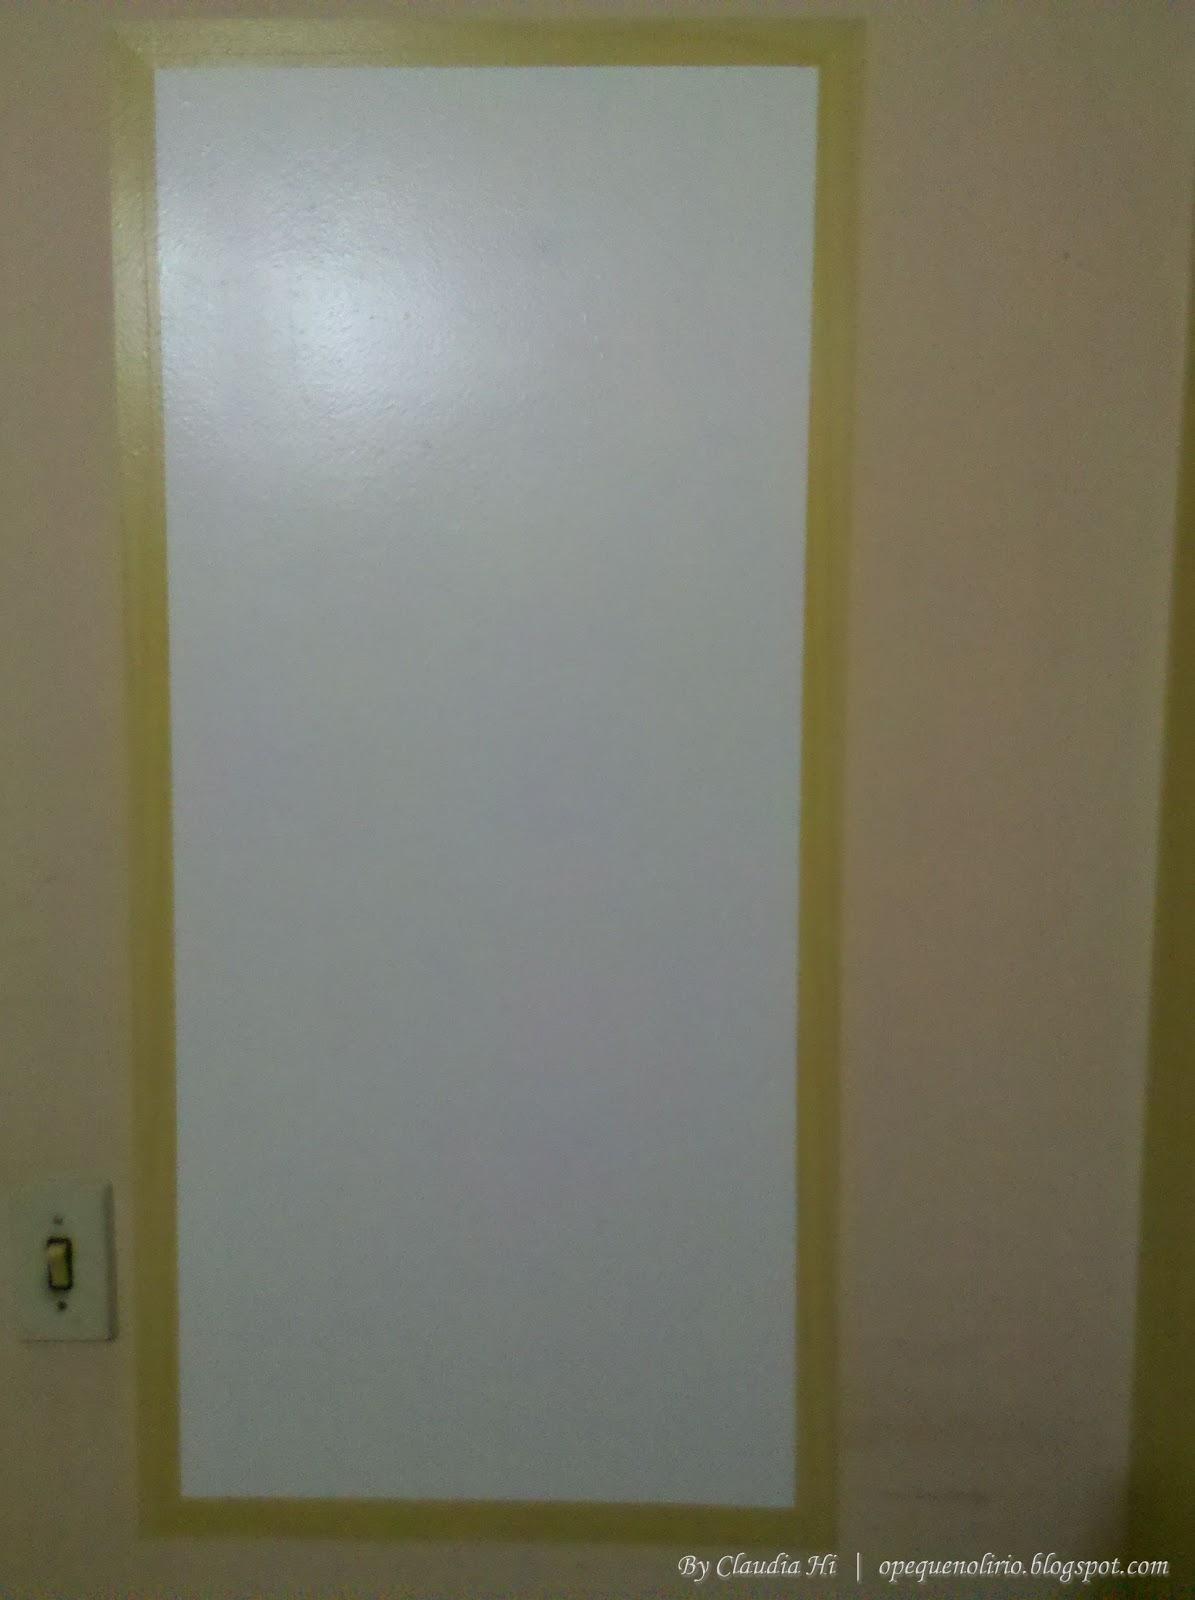 parede, lousinha, mural, bordas de contact, desenhar, quadro branco